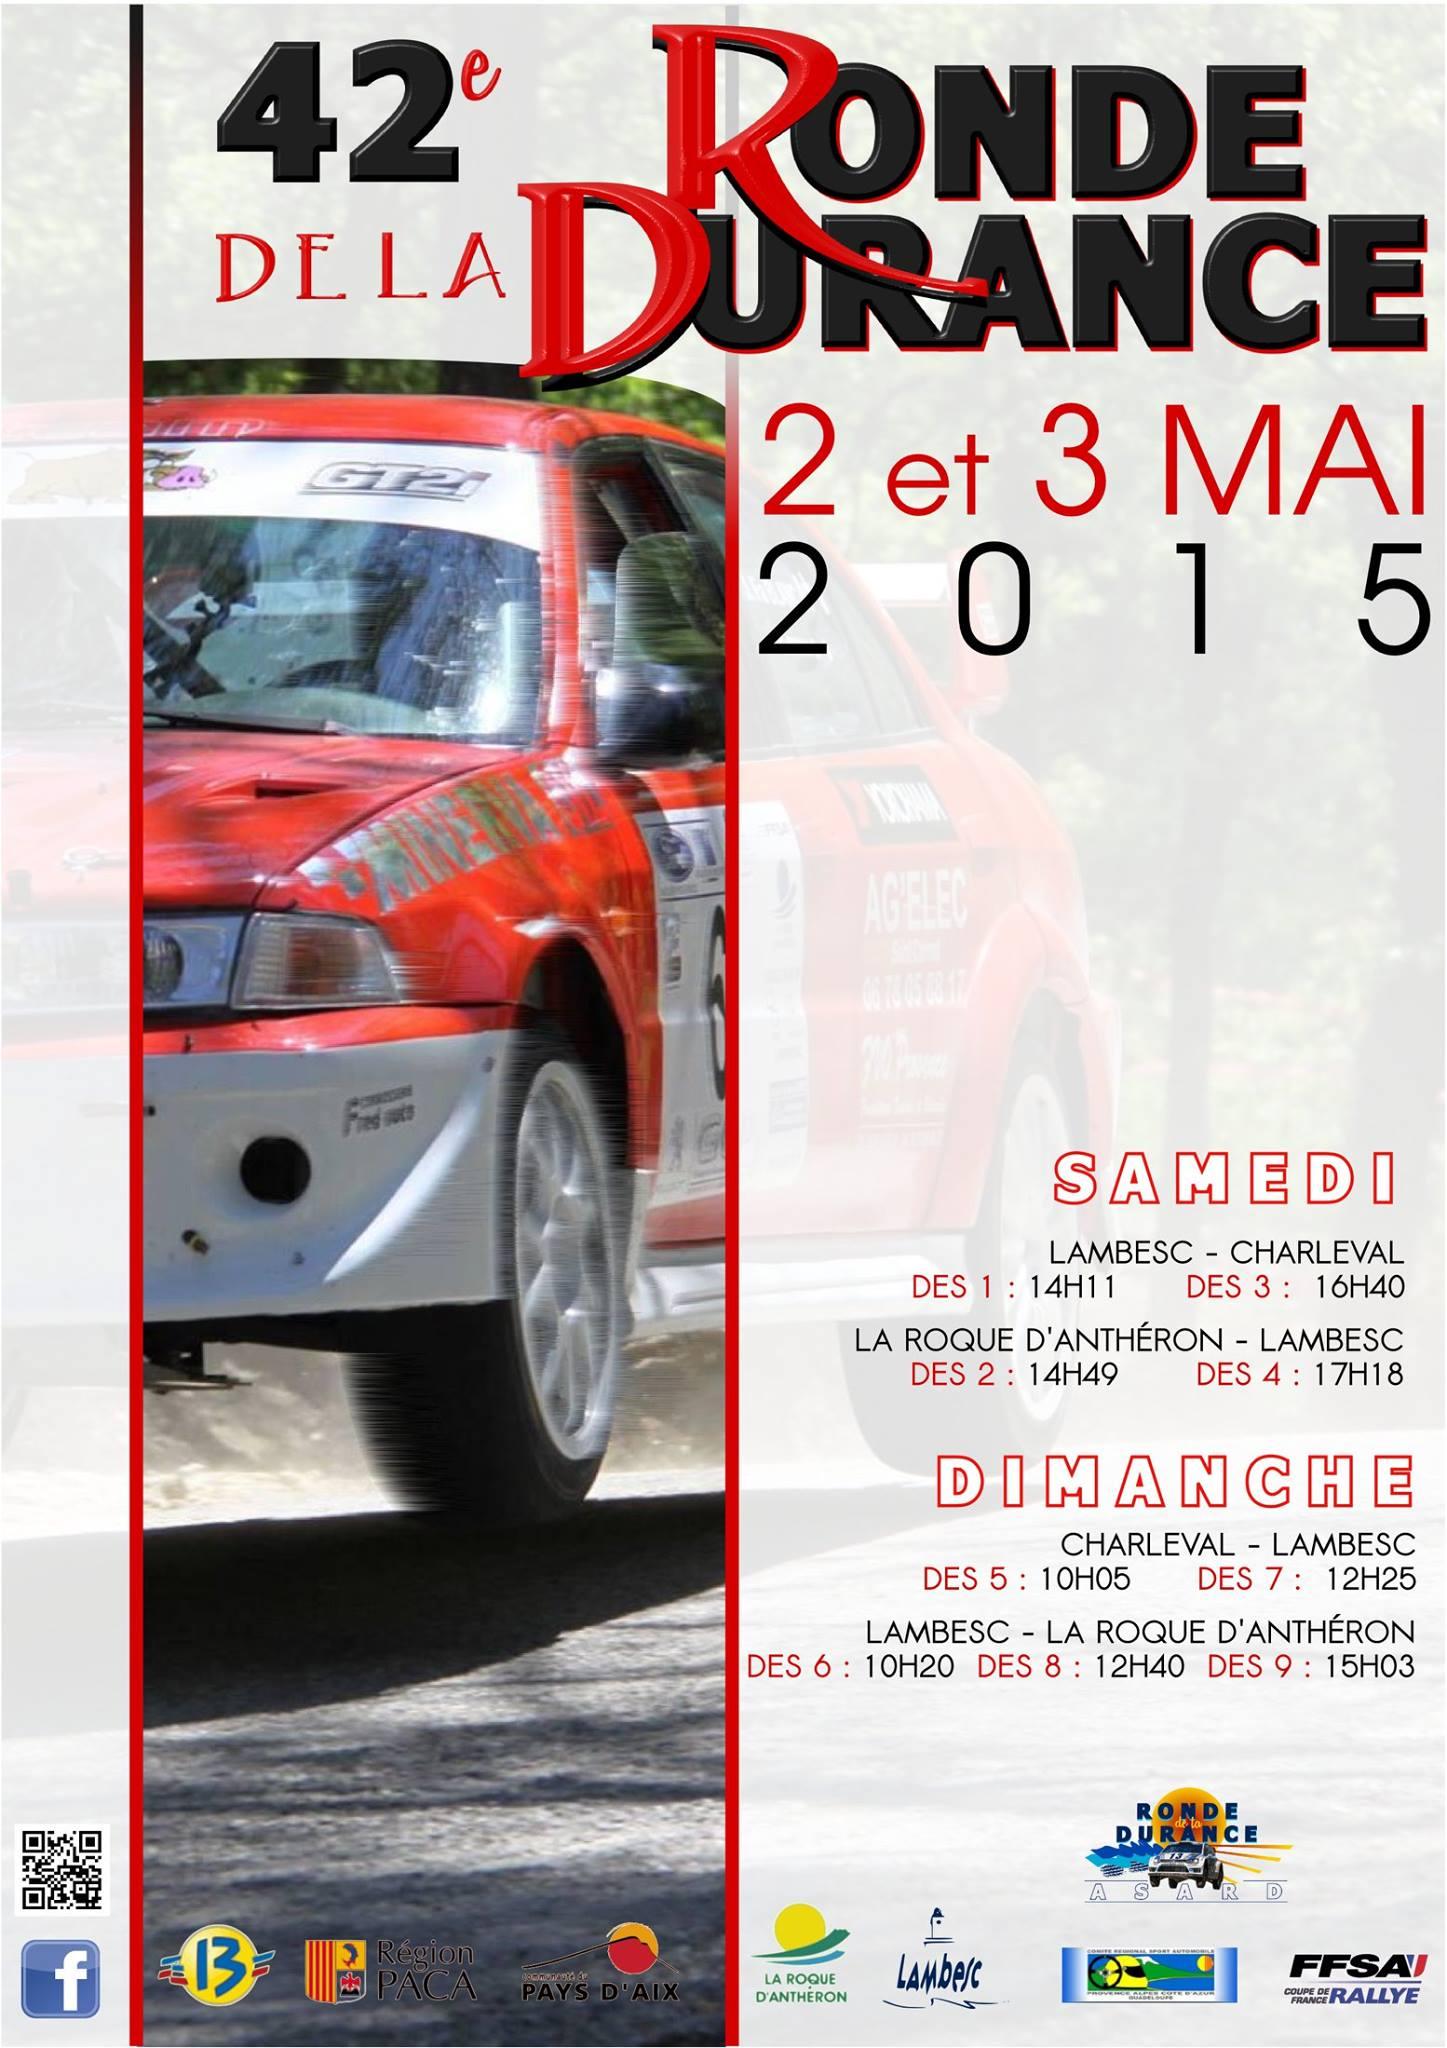 Liste des engagés Rallye Ronde de la Durance 2015